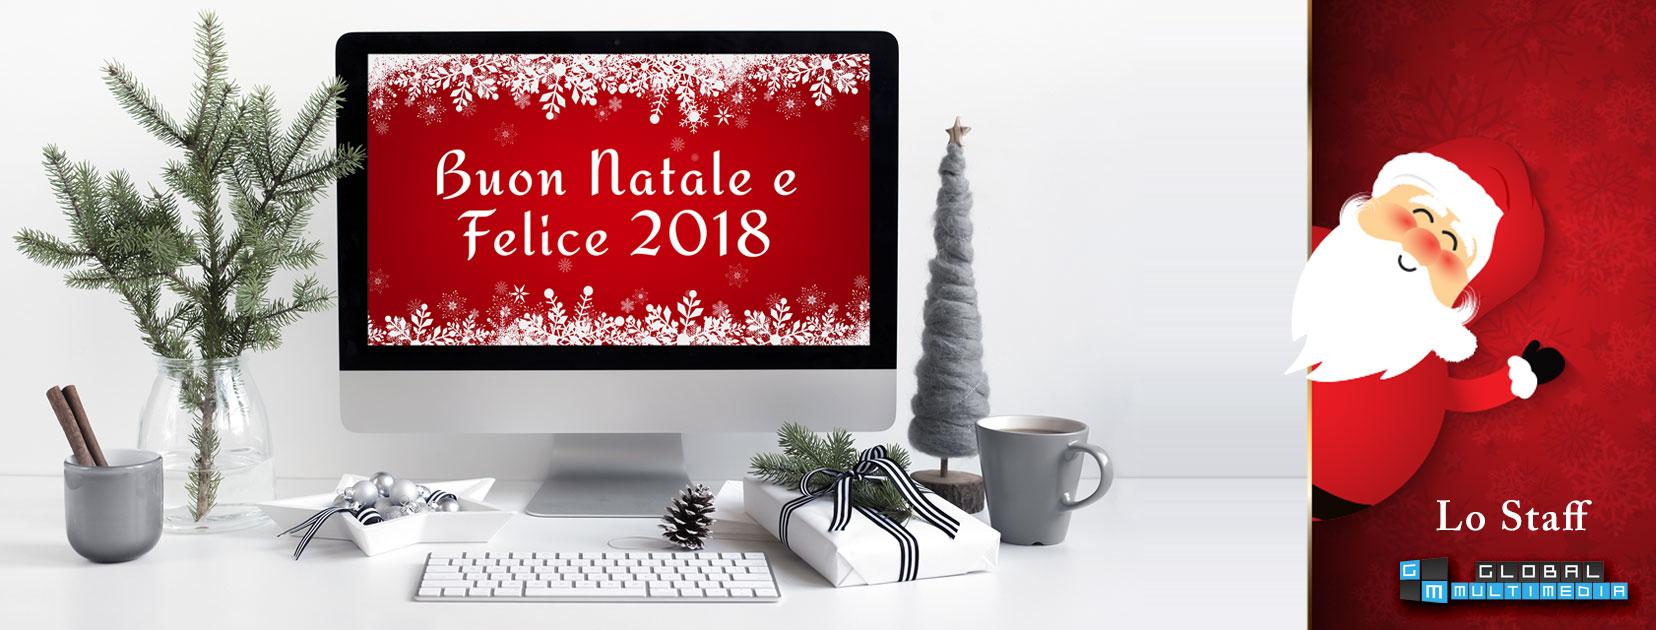 Buon Natale Anno Nuovo.Lo Staff Della Global Multimedia Vi Augura Buon Natale E